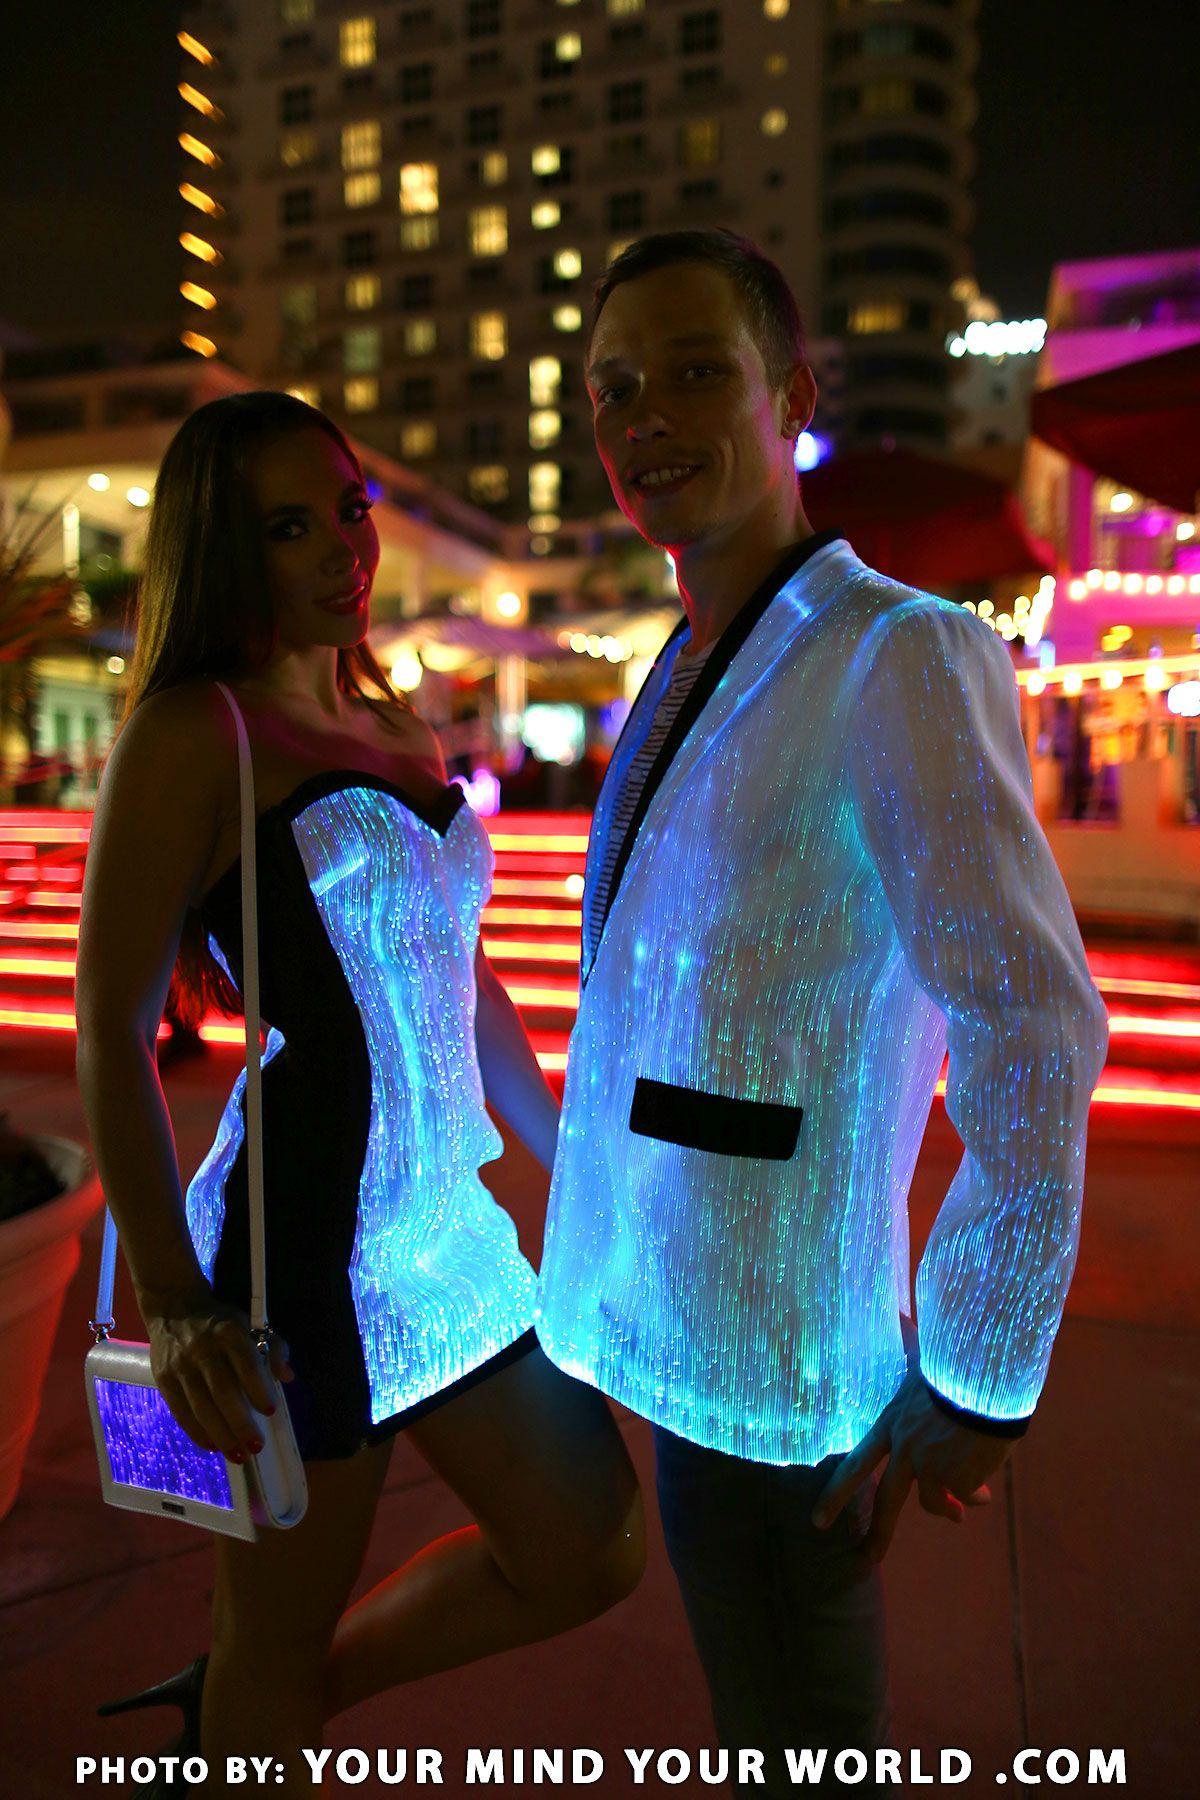 39+ Personalized wedding glow sticks ideas in 2021